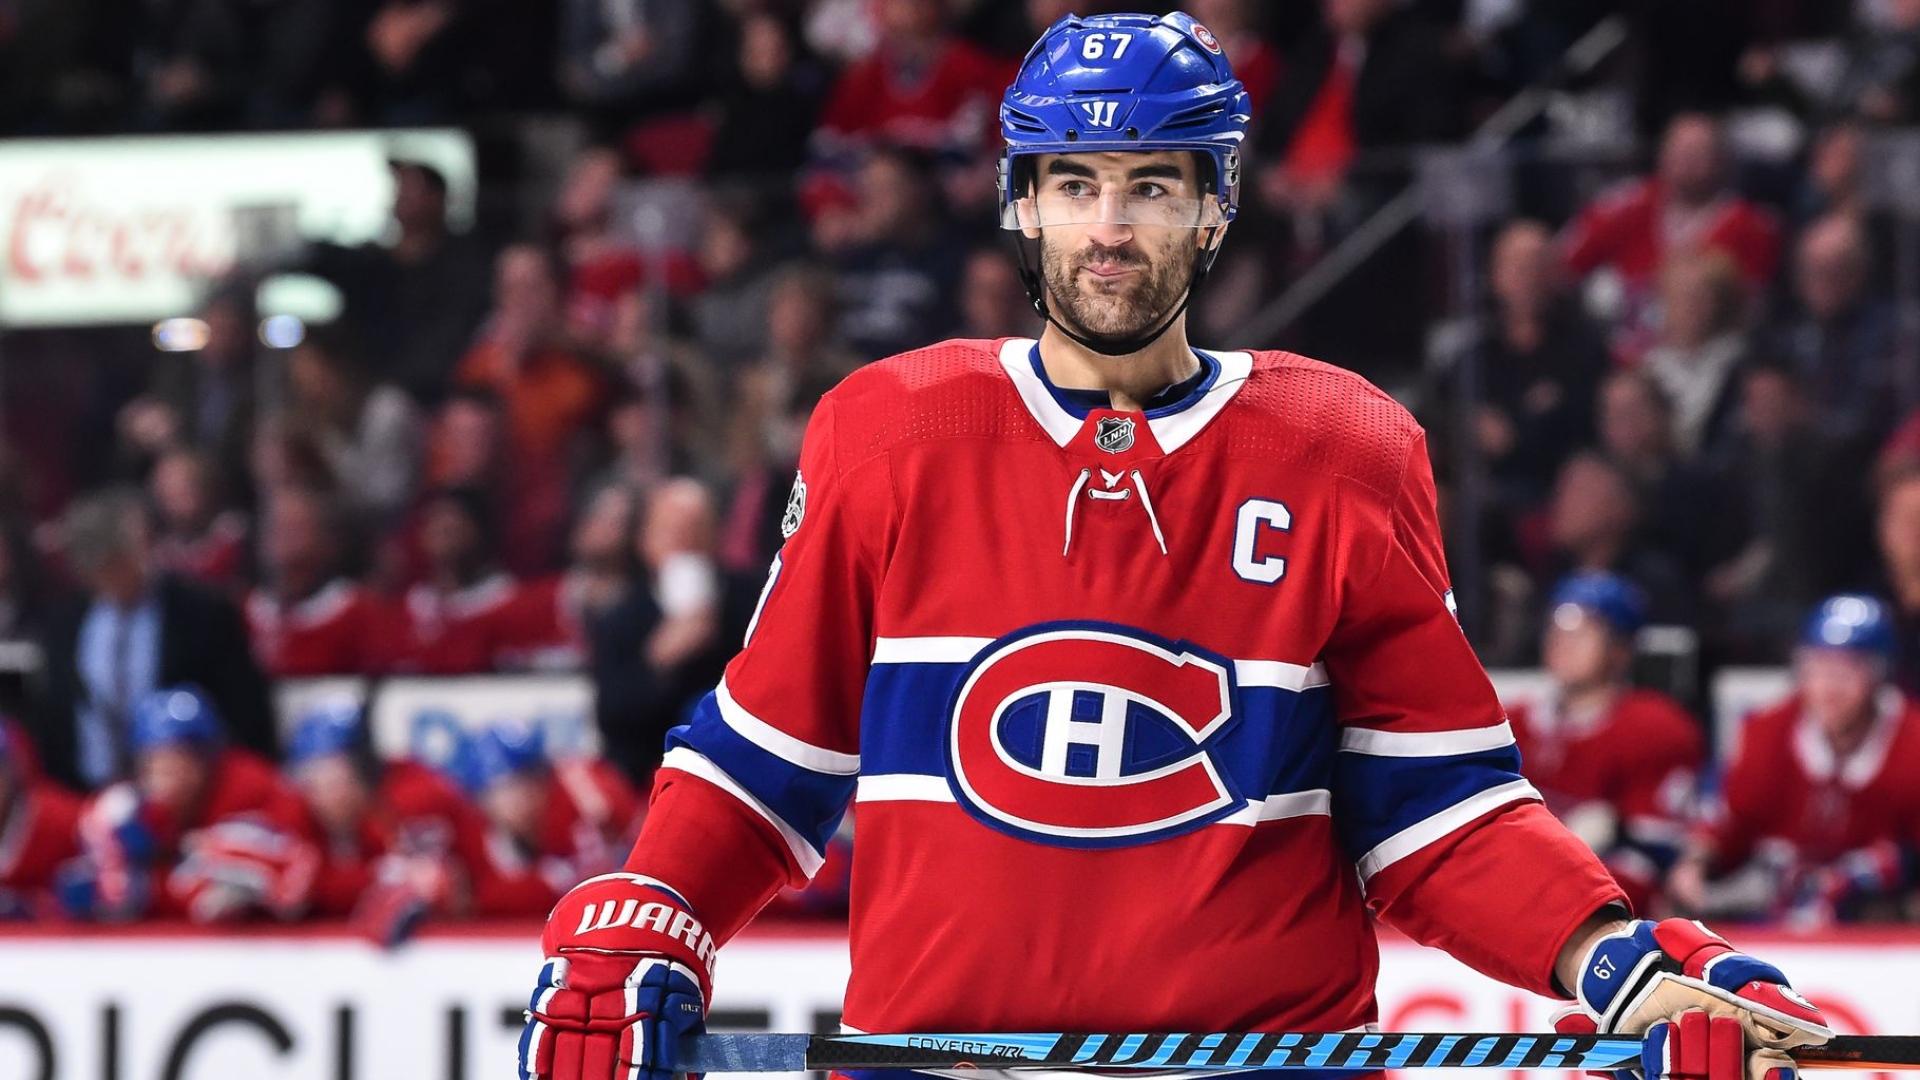 L'ex-capitaine du Canadien, Max Pacioretty